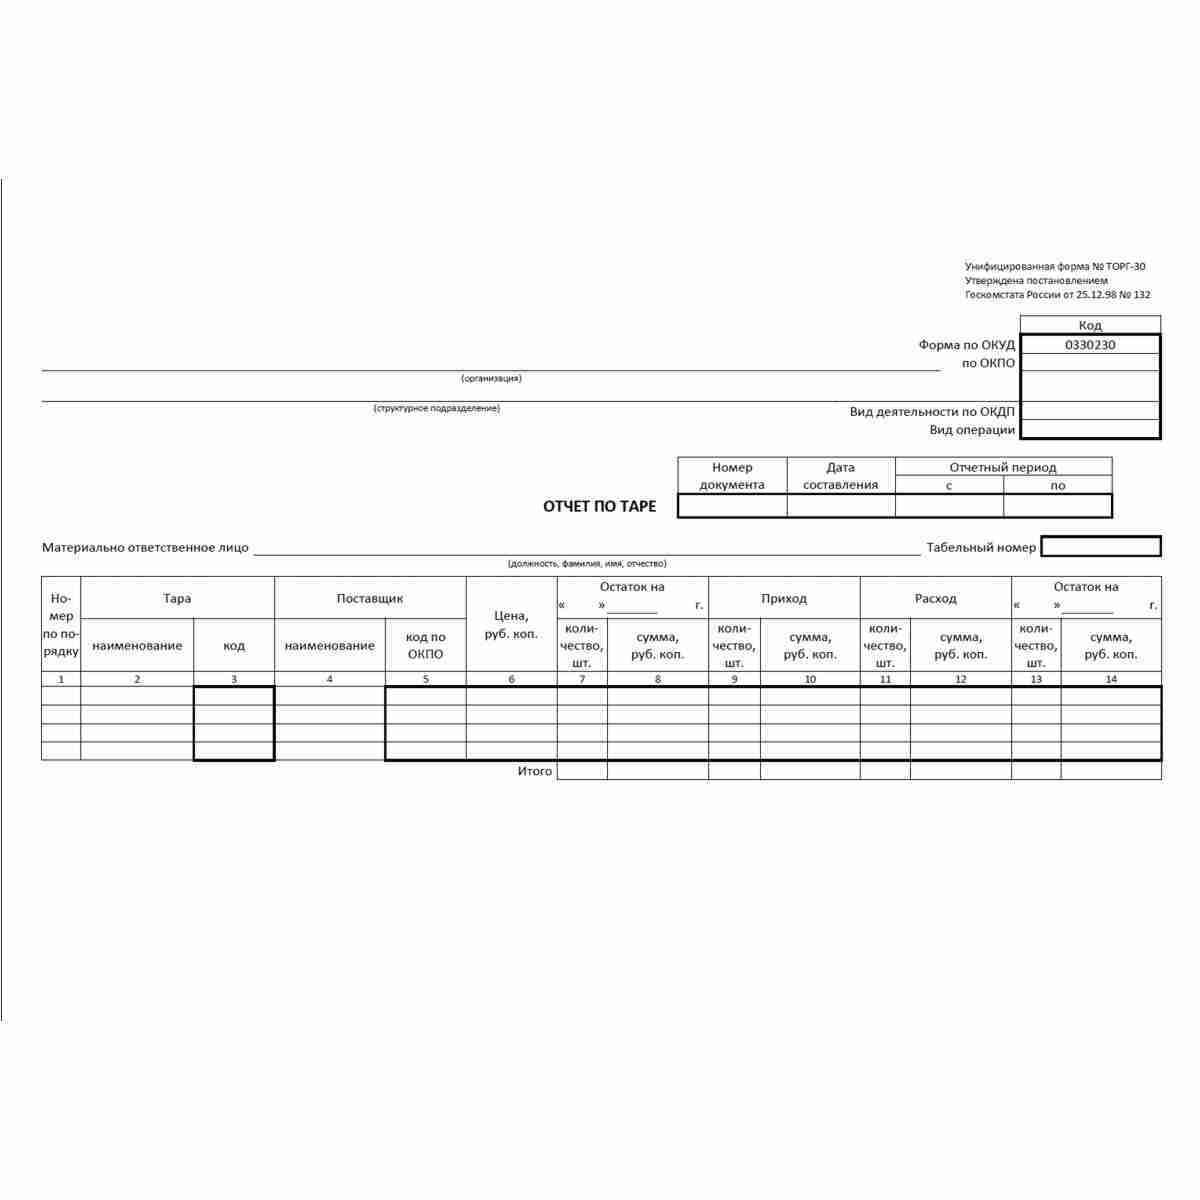 """Унифицированная форма первичной учетной документации №ТОРГ-30 """"Отчет по таре"""" (ОКУД 0330230). Лицевая сторона."""